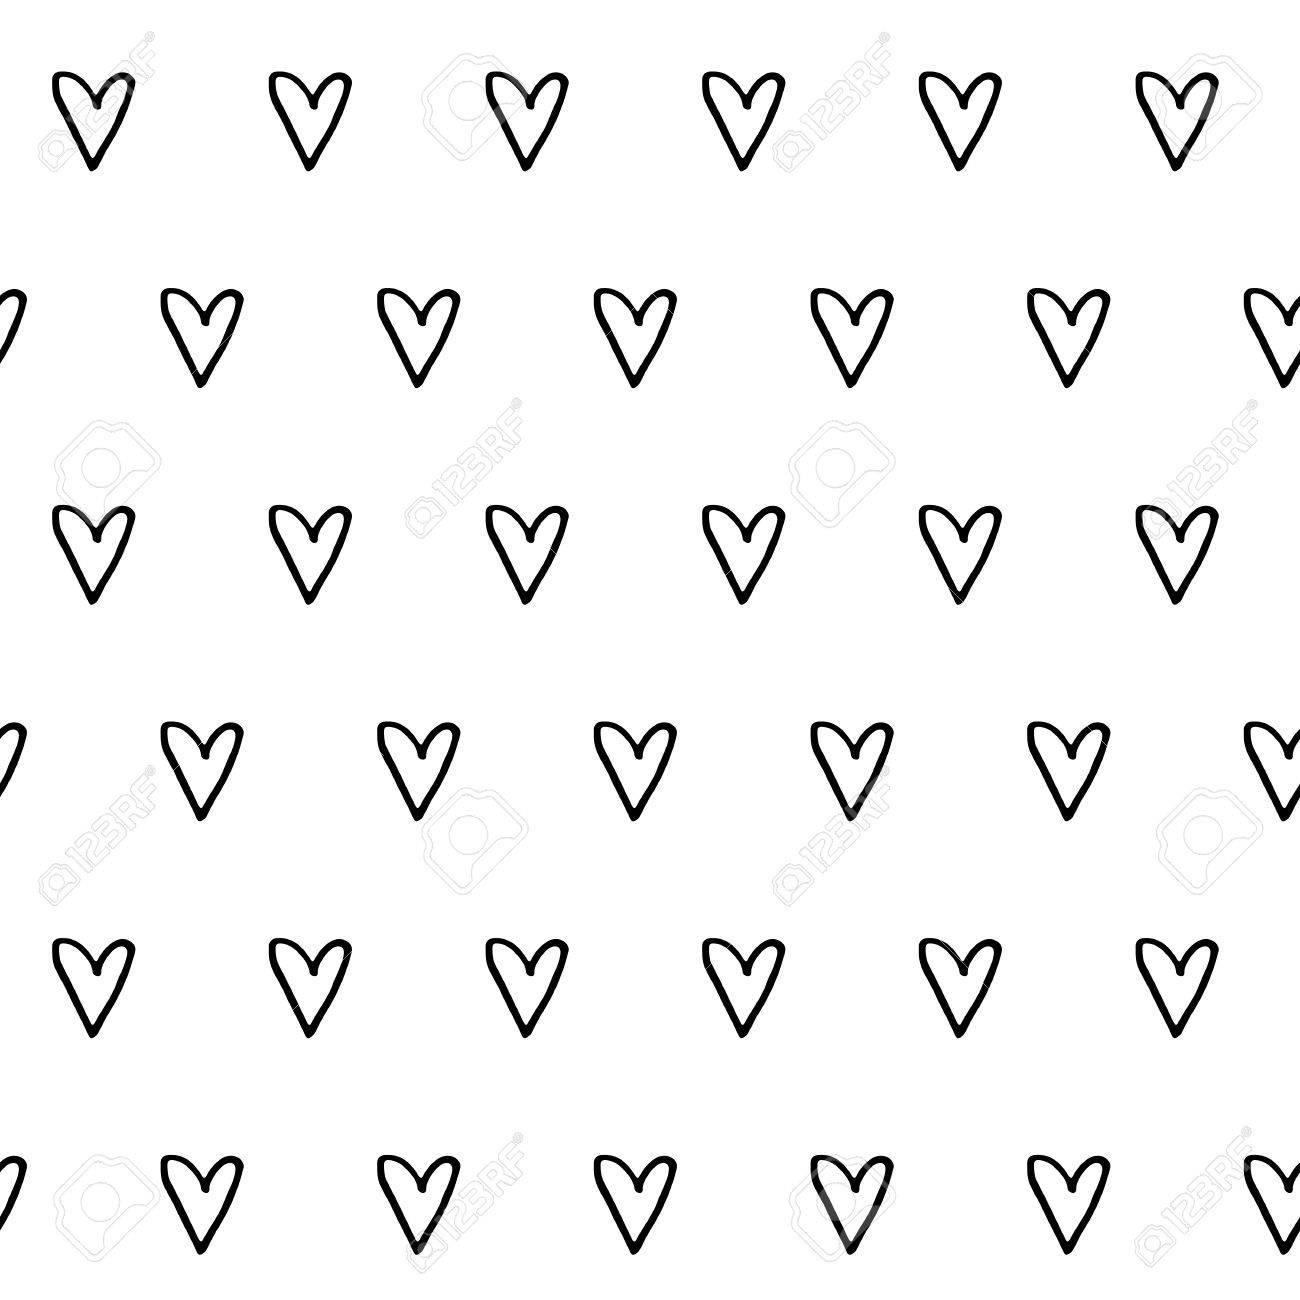 手で抽象的なかわいいパターンには 心が描かれています トレンディな